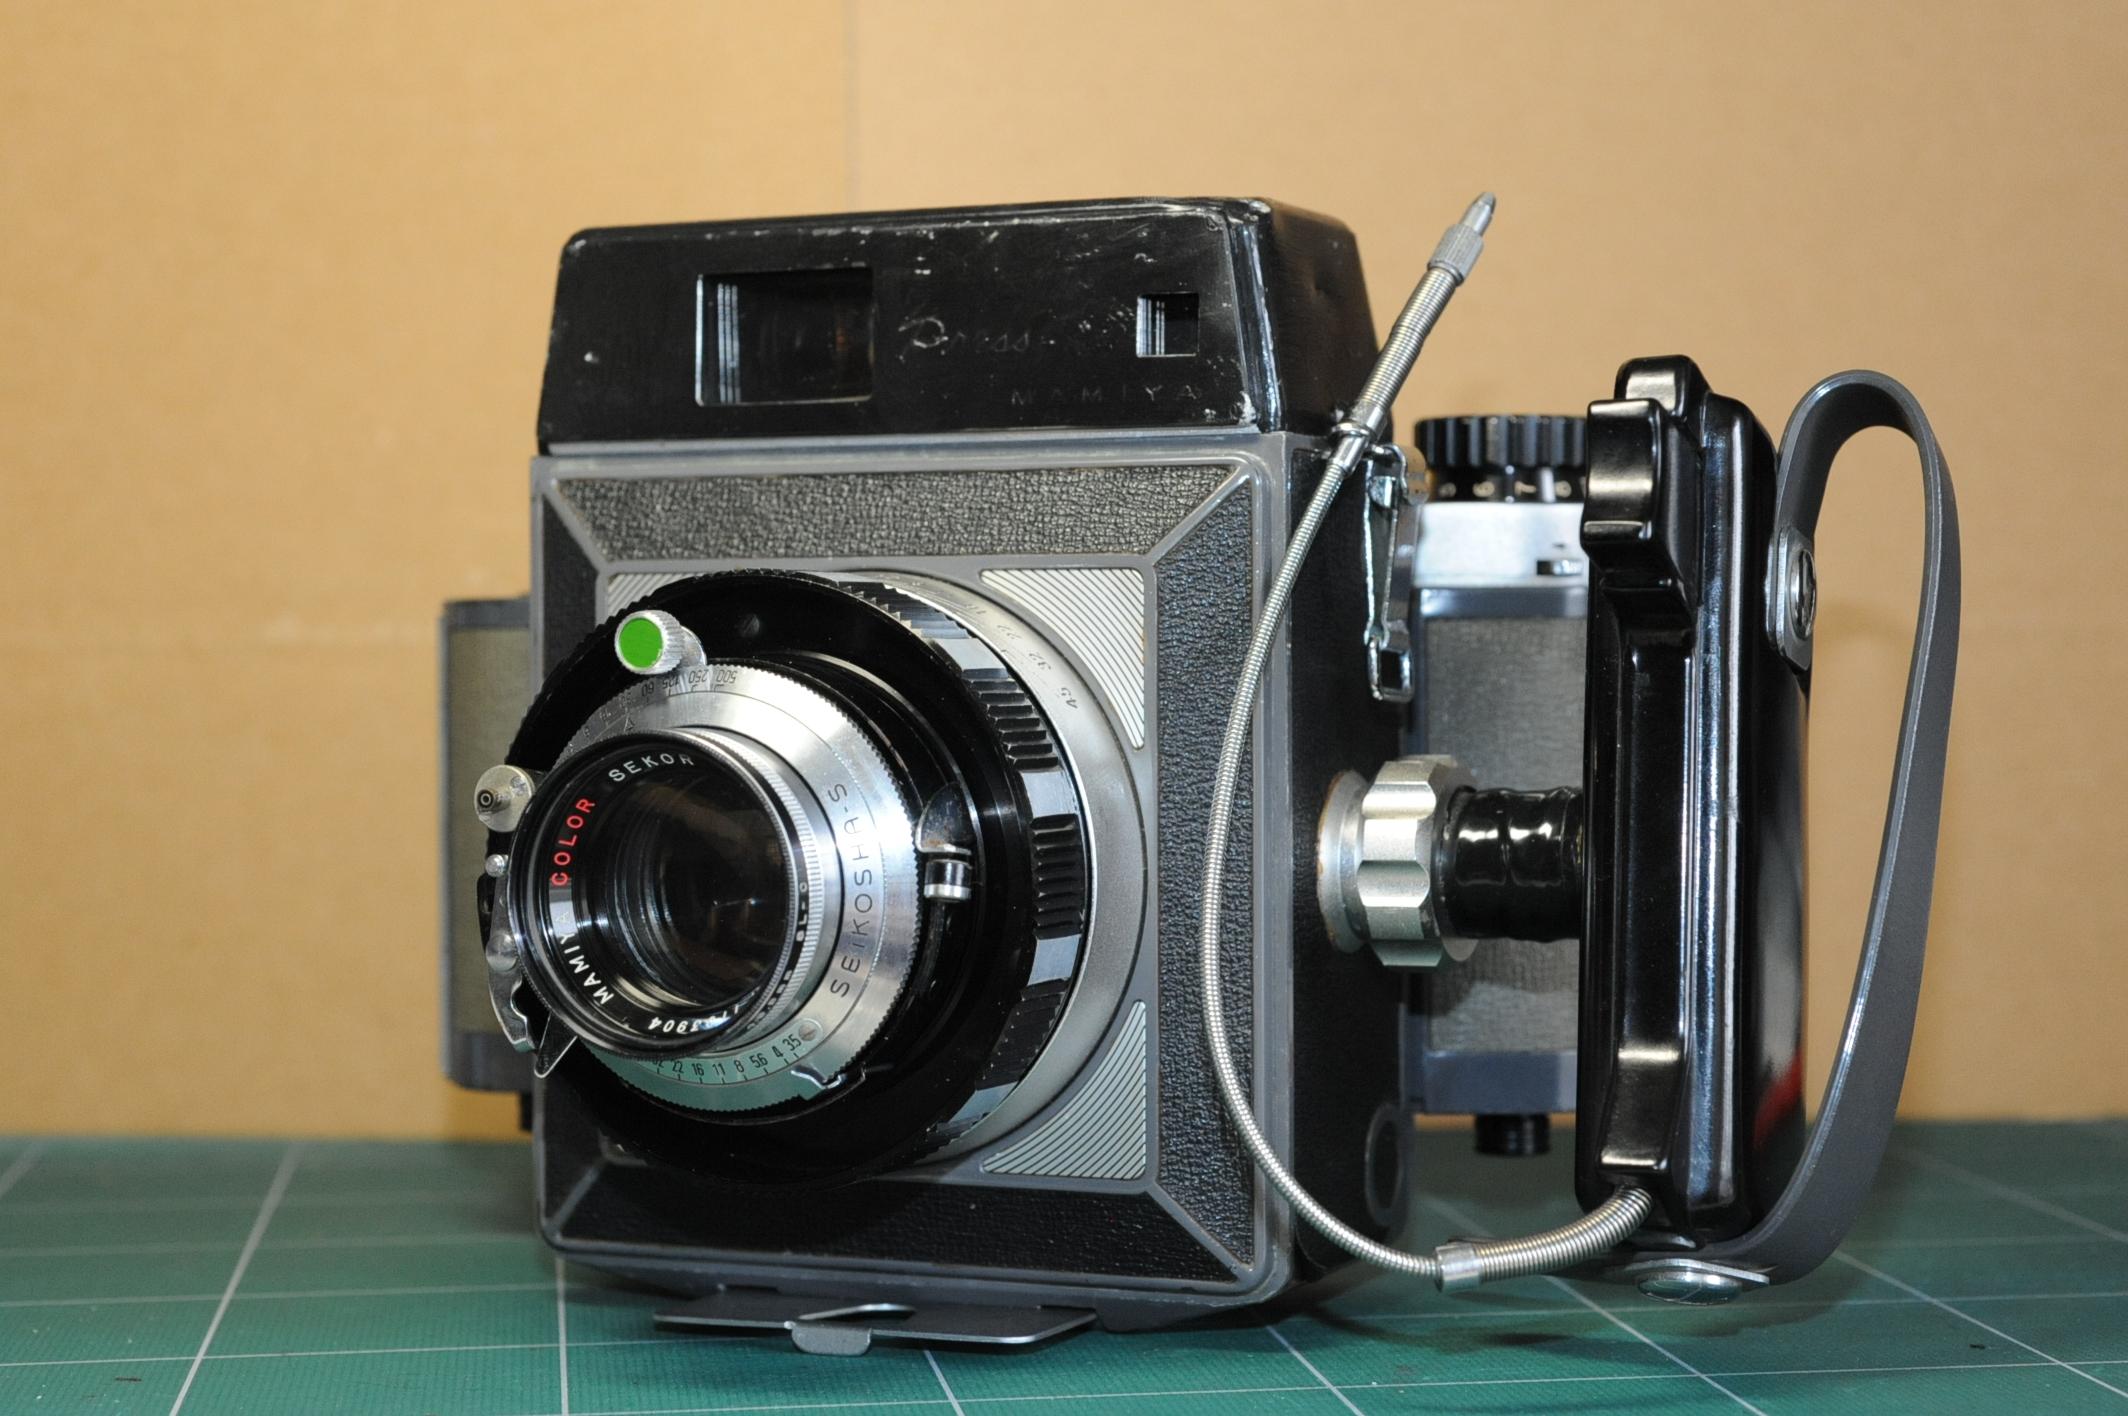 ブログ|東京都世田谷区のカメラ修理屋 ヨコタカメラマミヤプレスの修理